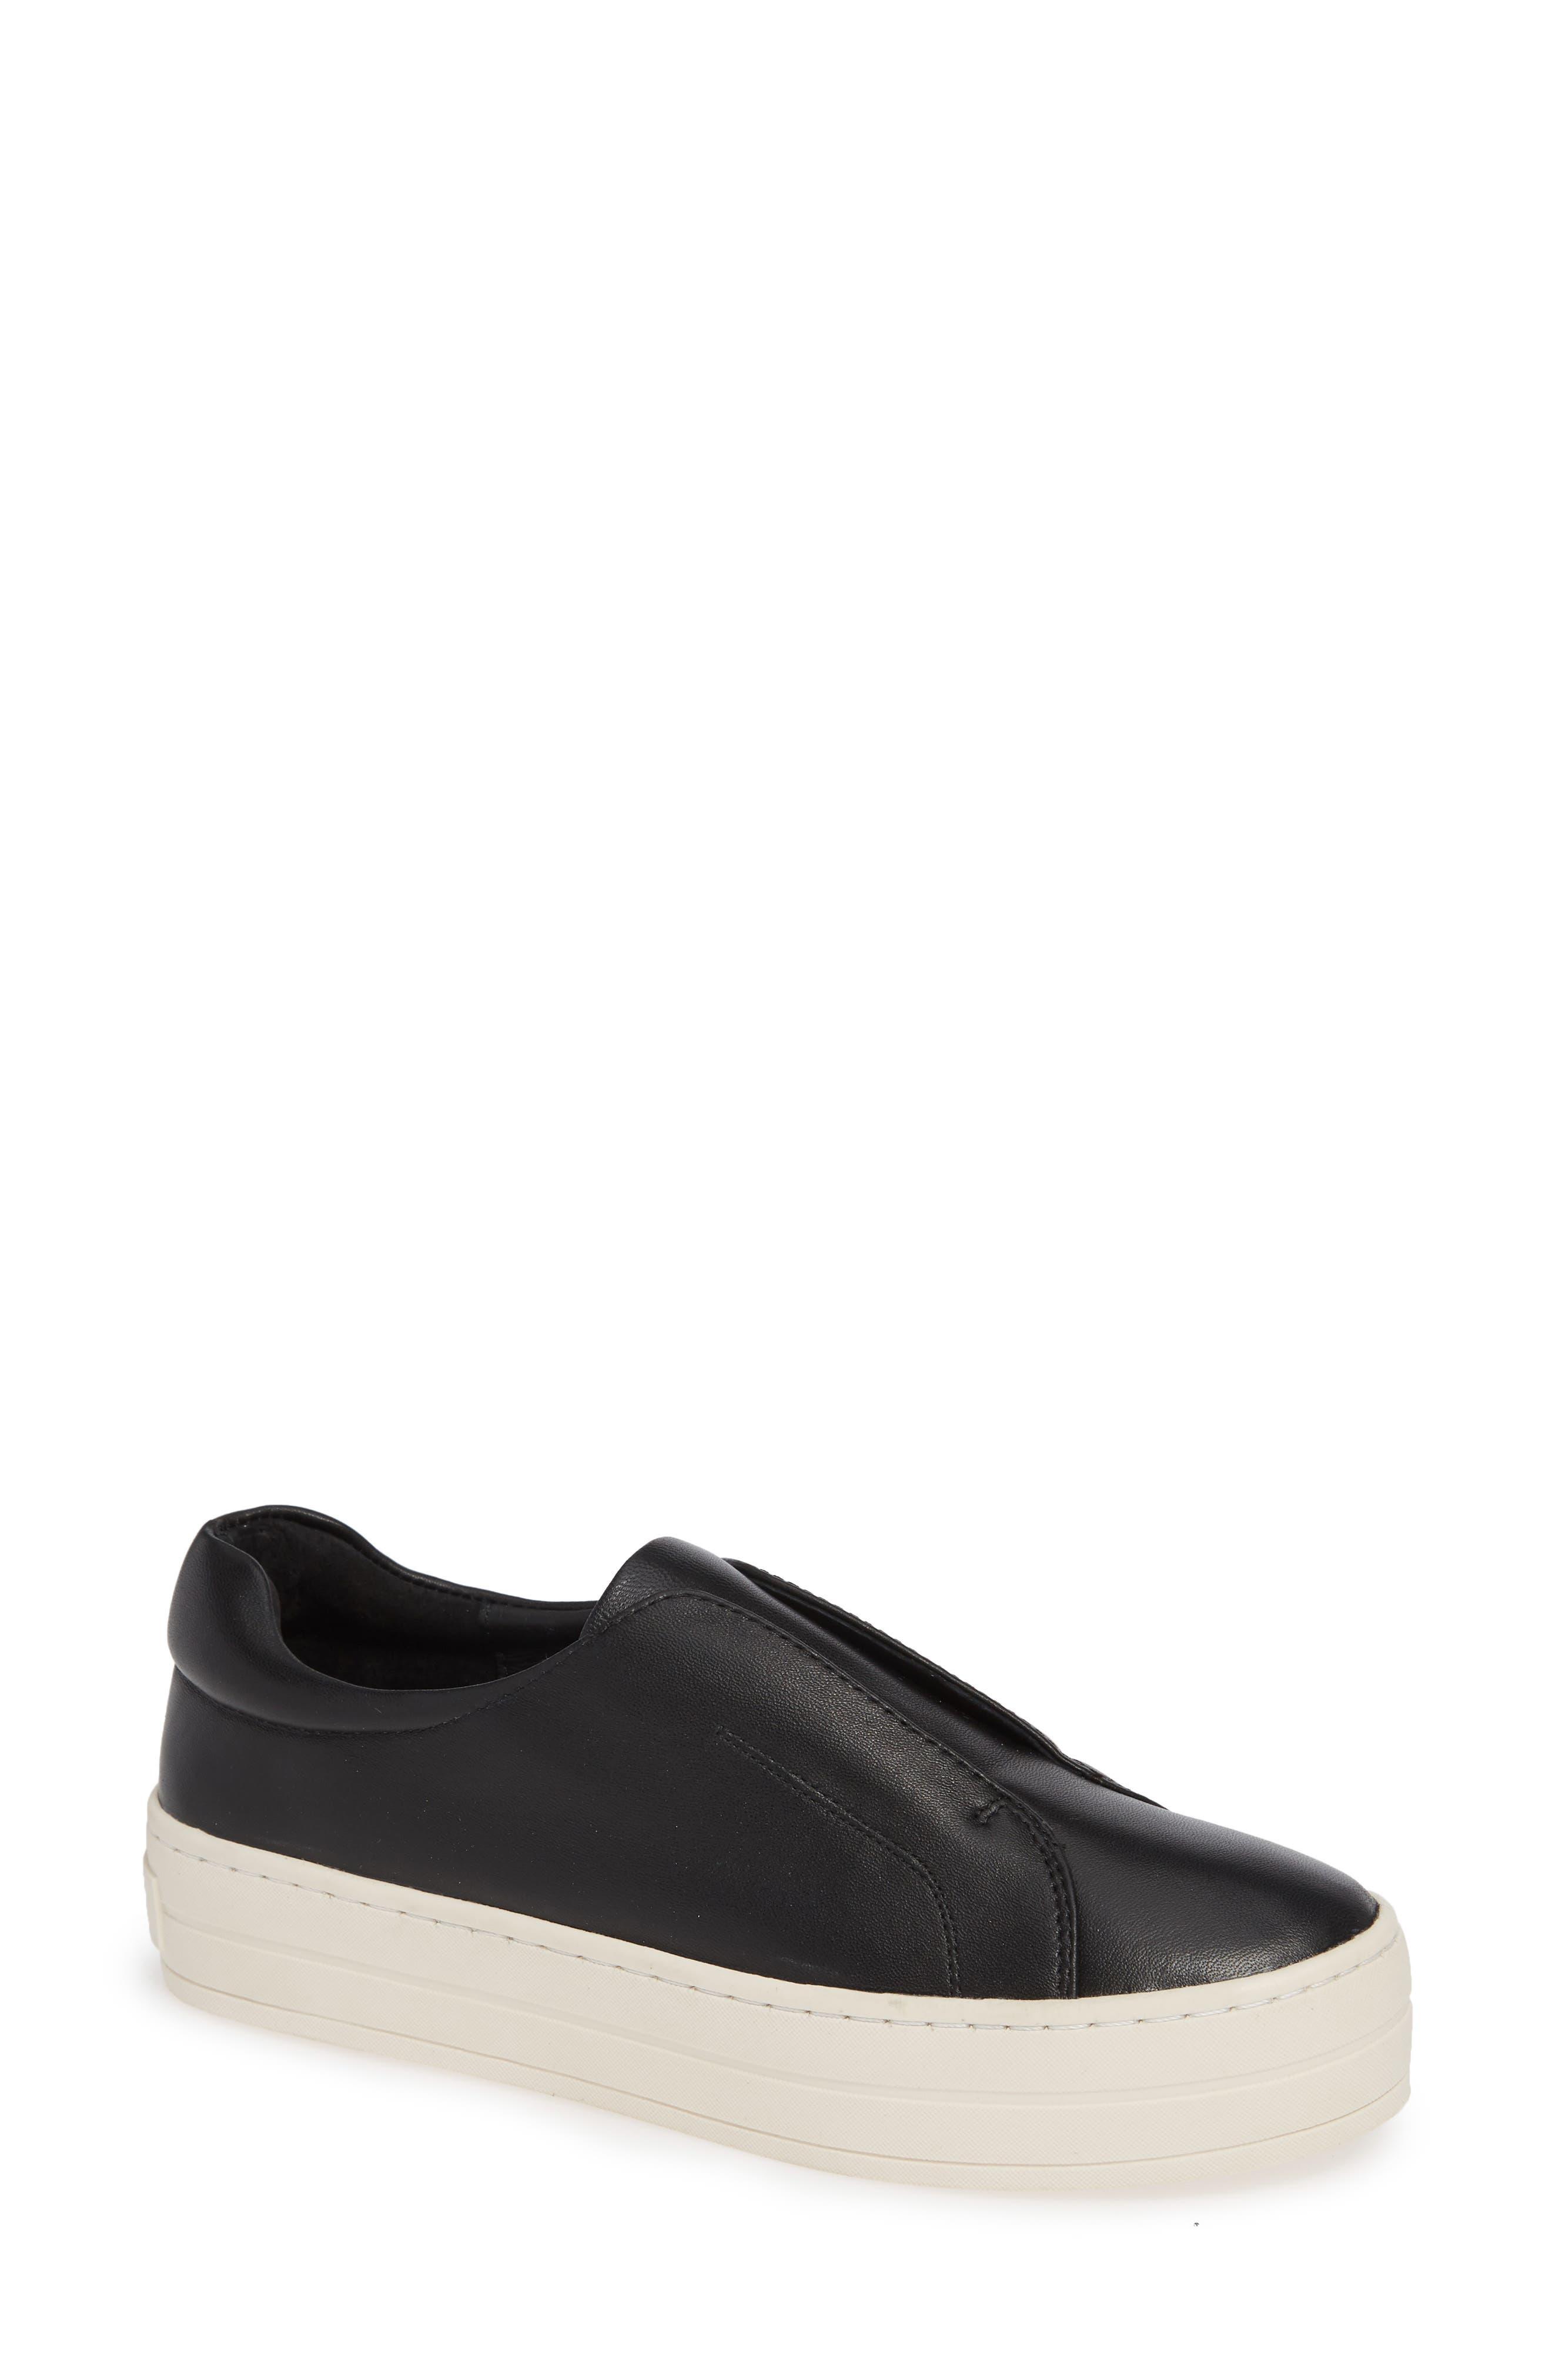 JSLIDES Heidi Platform Slip-On Sneaker, Main, color, BLACK LEATHER